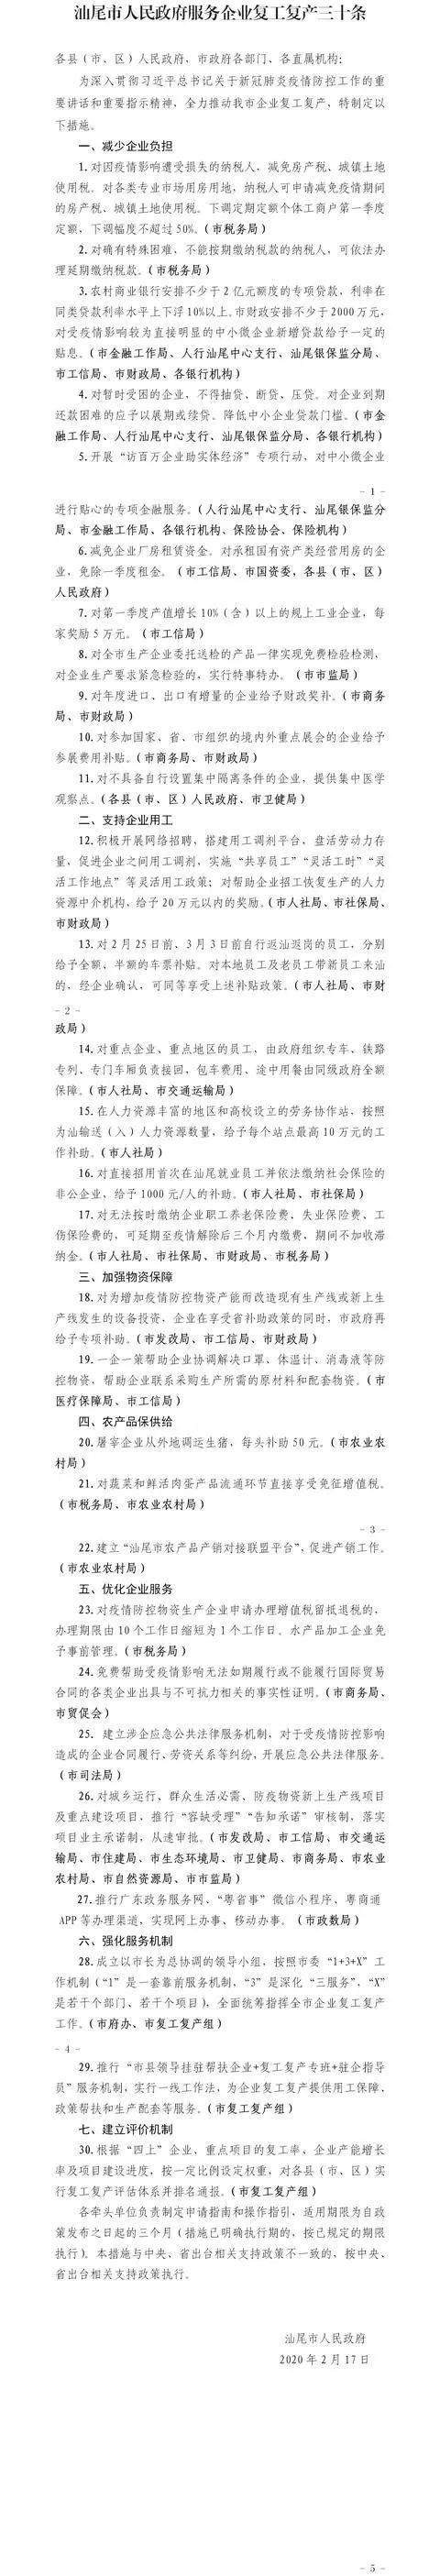 汕尾安排逾2亿元低息贷款助企业复工复产 汕尾新闻